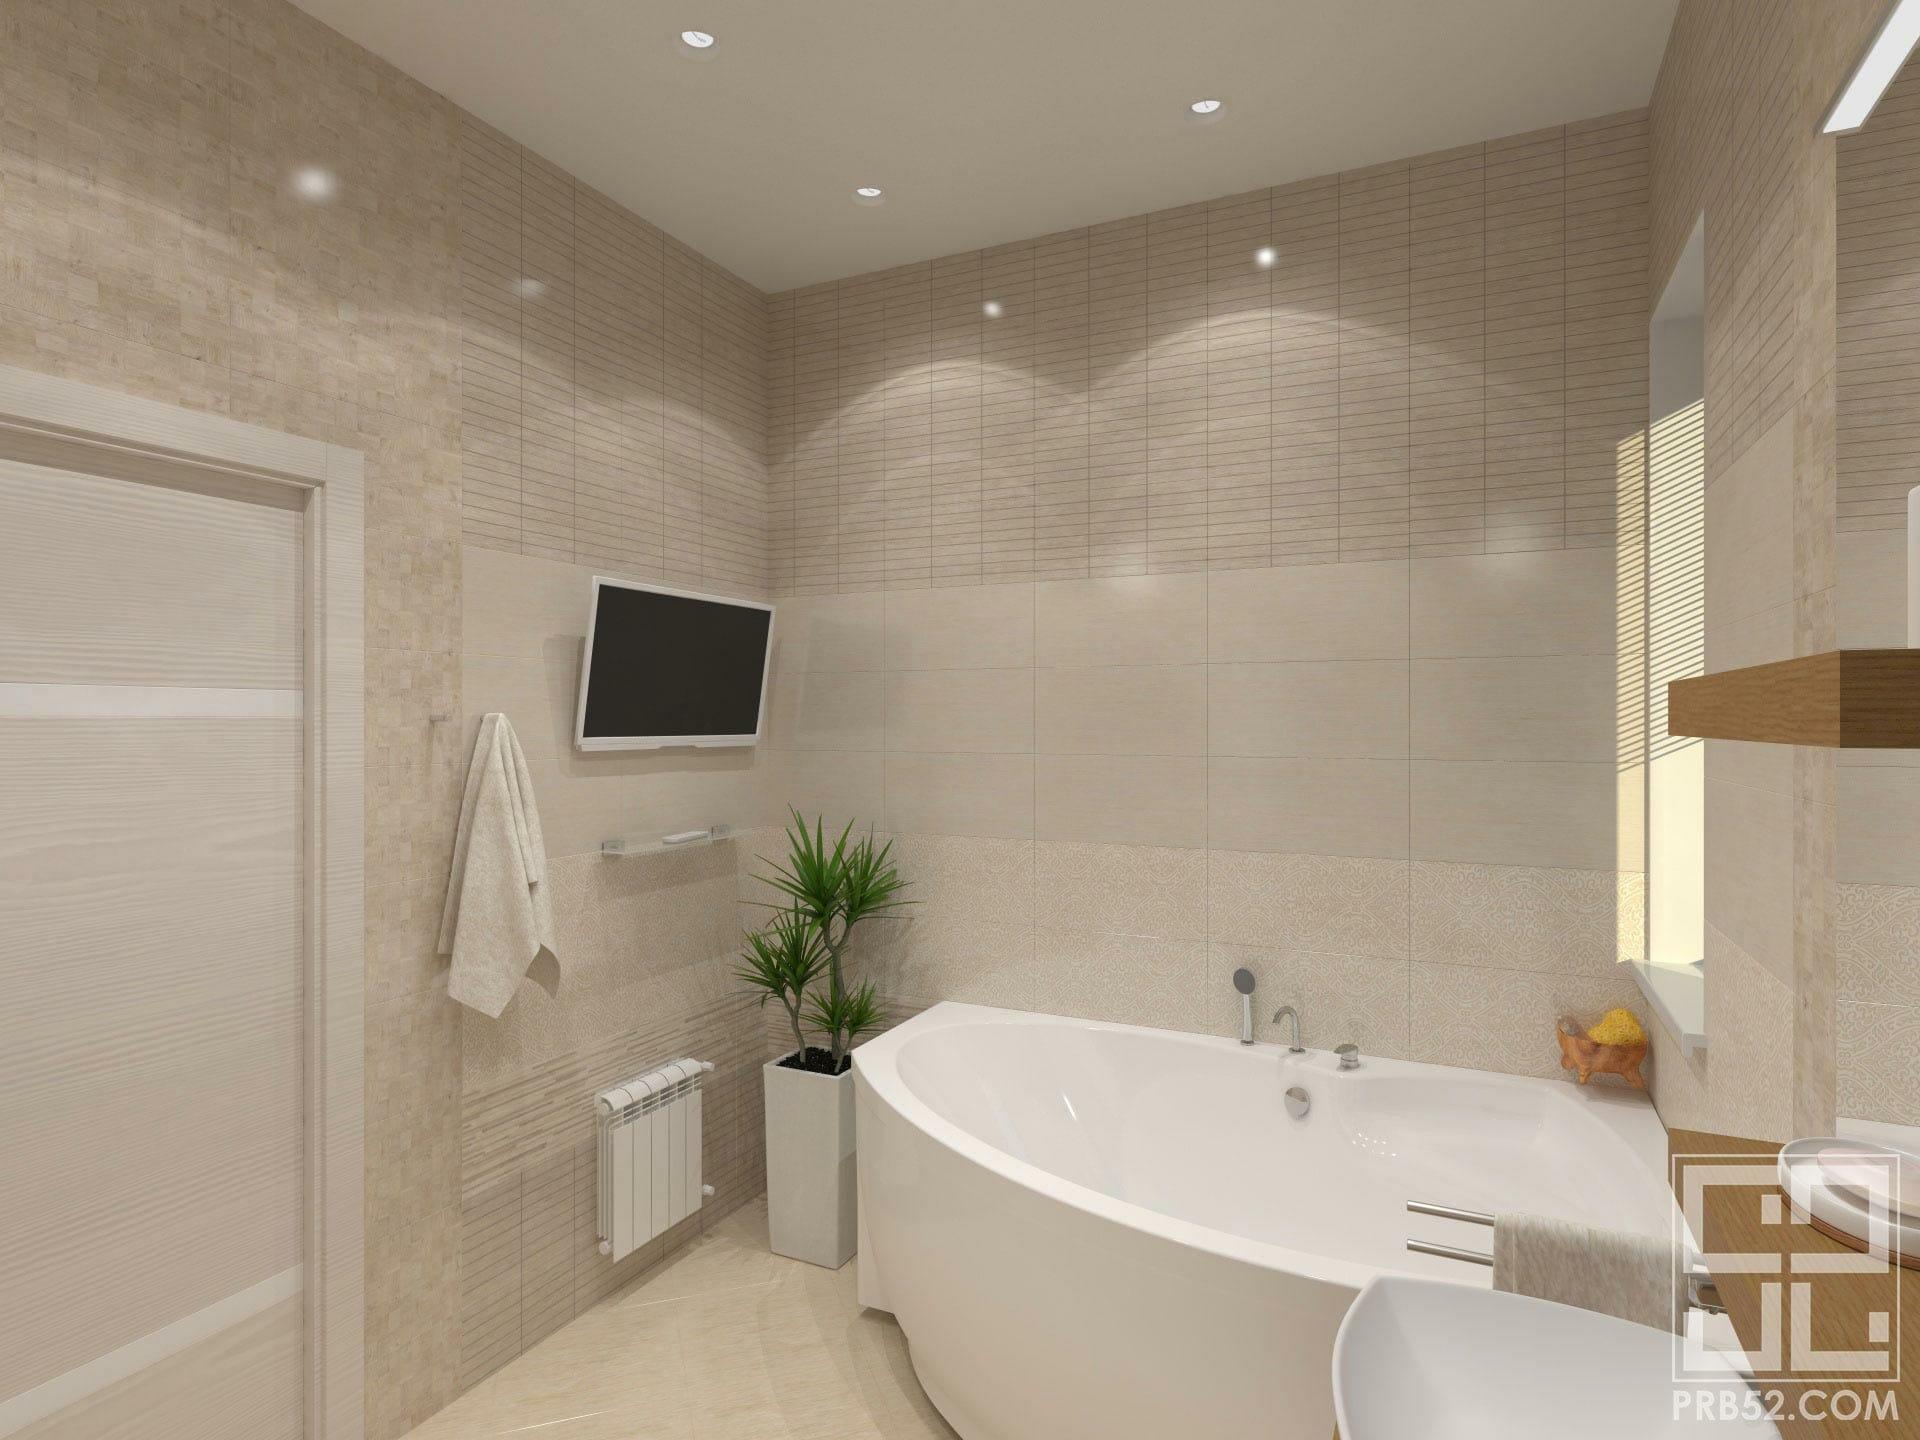 дизайн интерьера с угловой ванной в частном доме